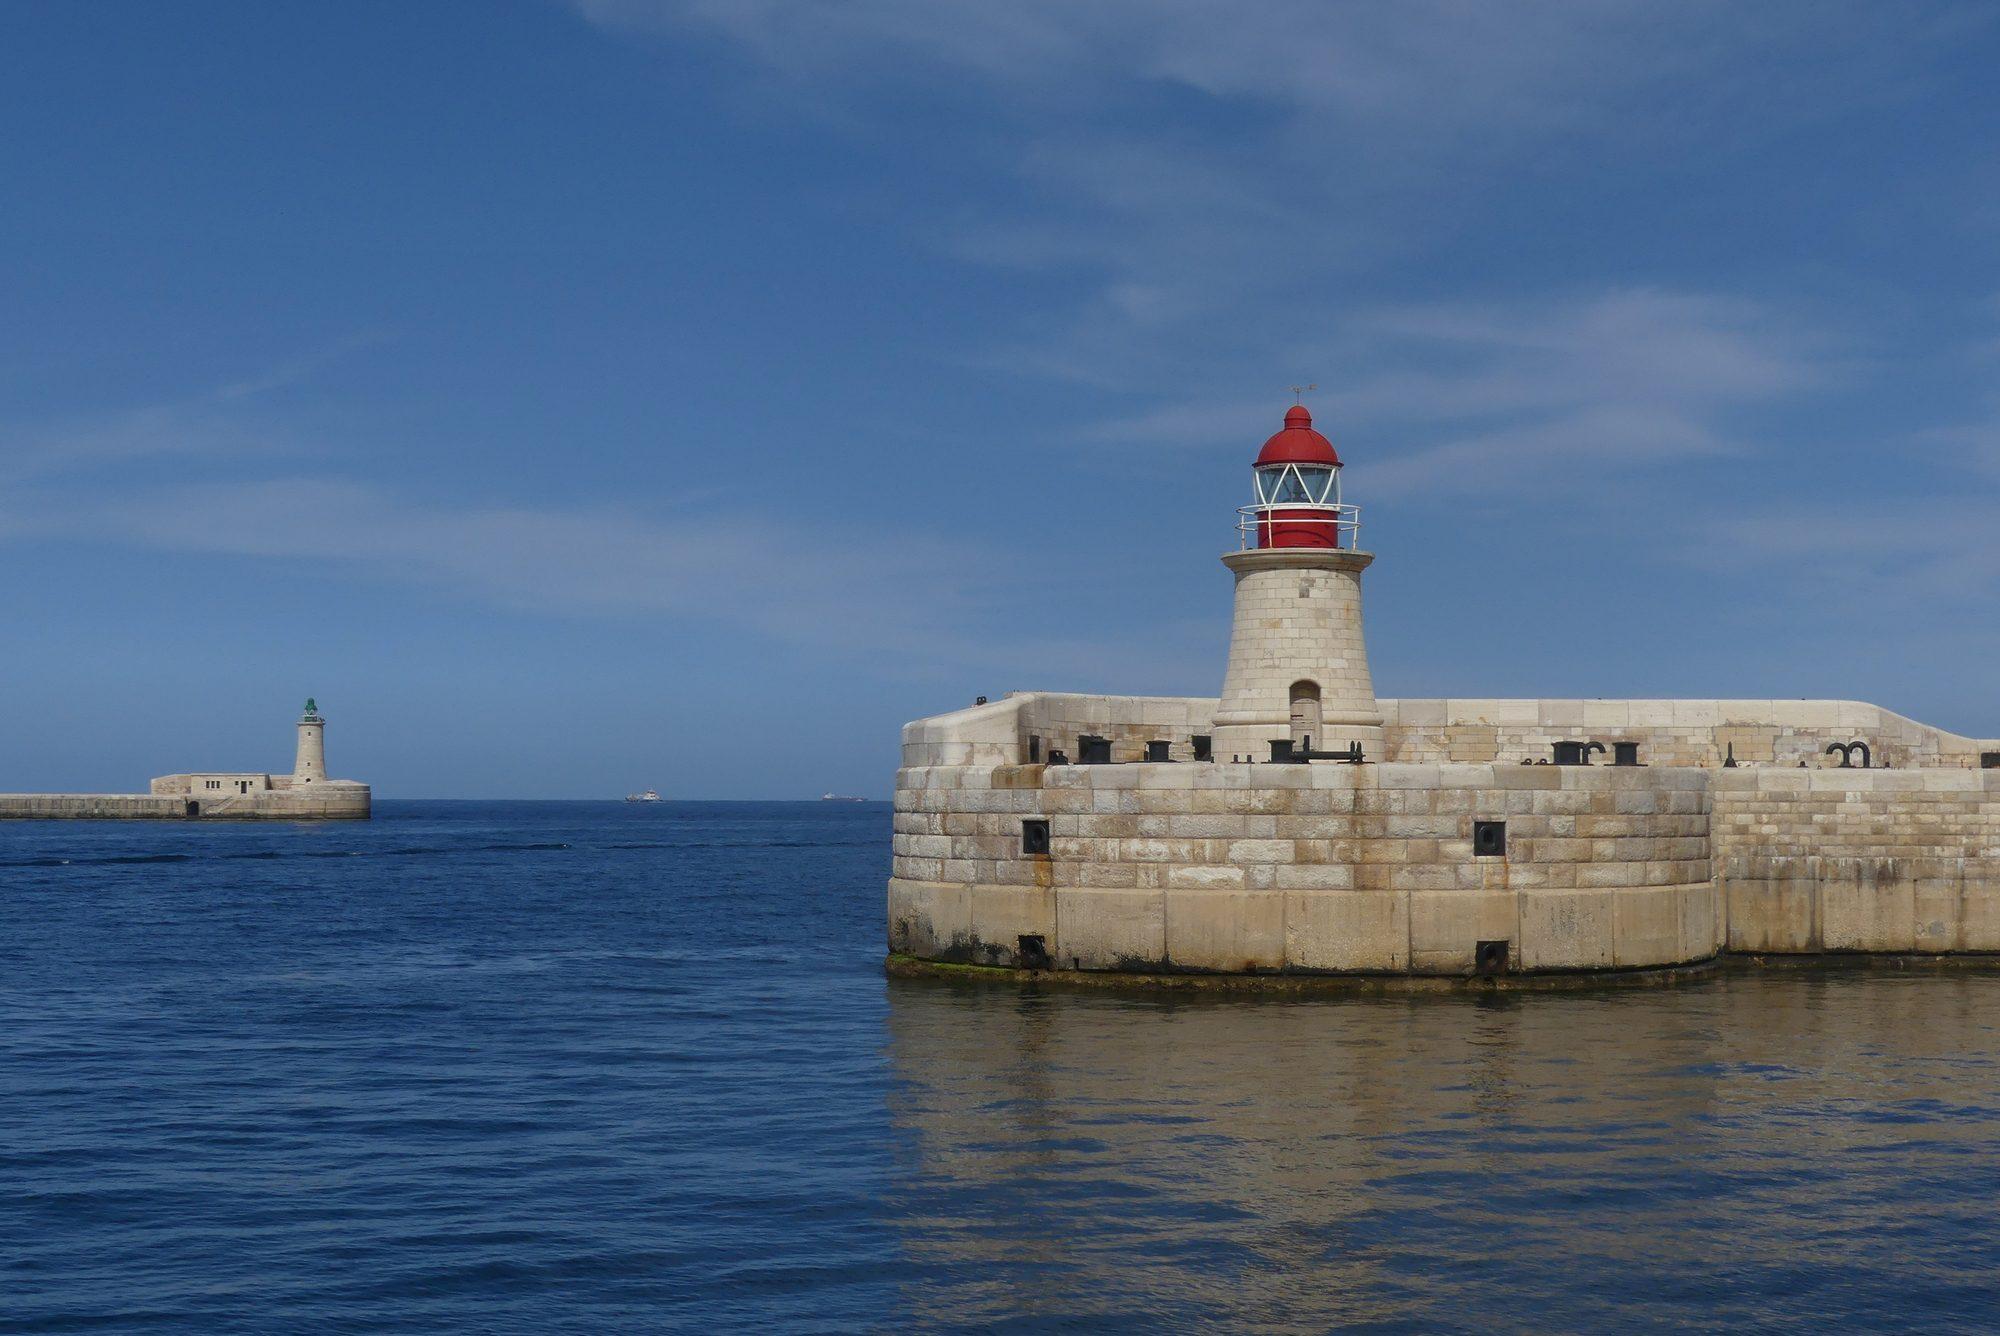 Leuchttürme bei der Hafeneinfahrt in den Grand Harbour Valletta Malta